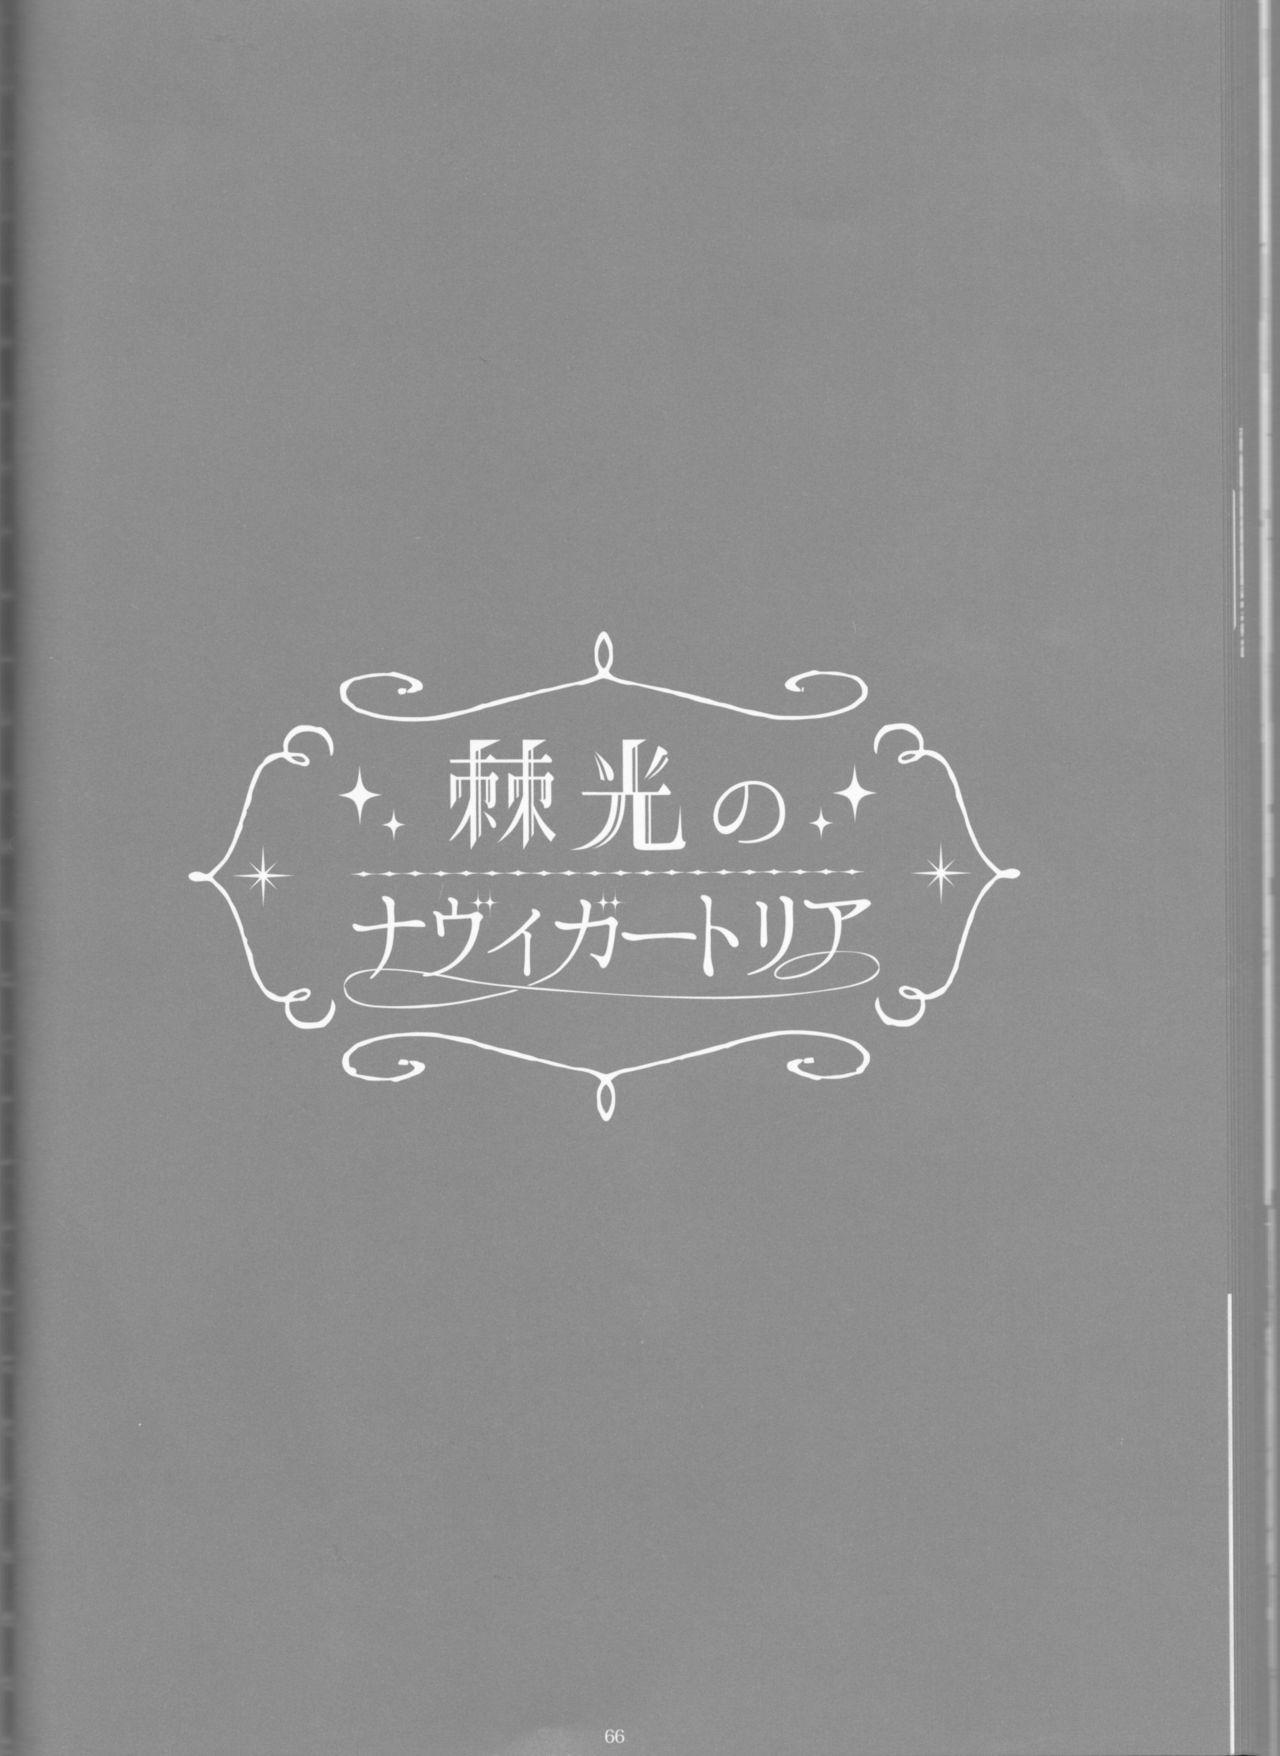 Toge hikari no navu~igātoria book 2(blue exorcist] 64